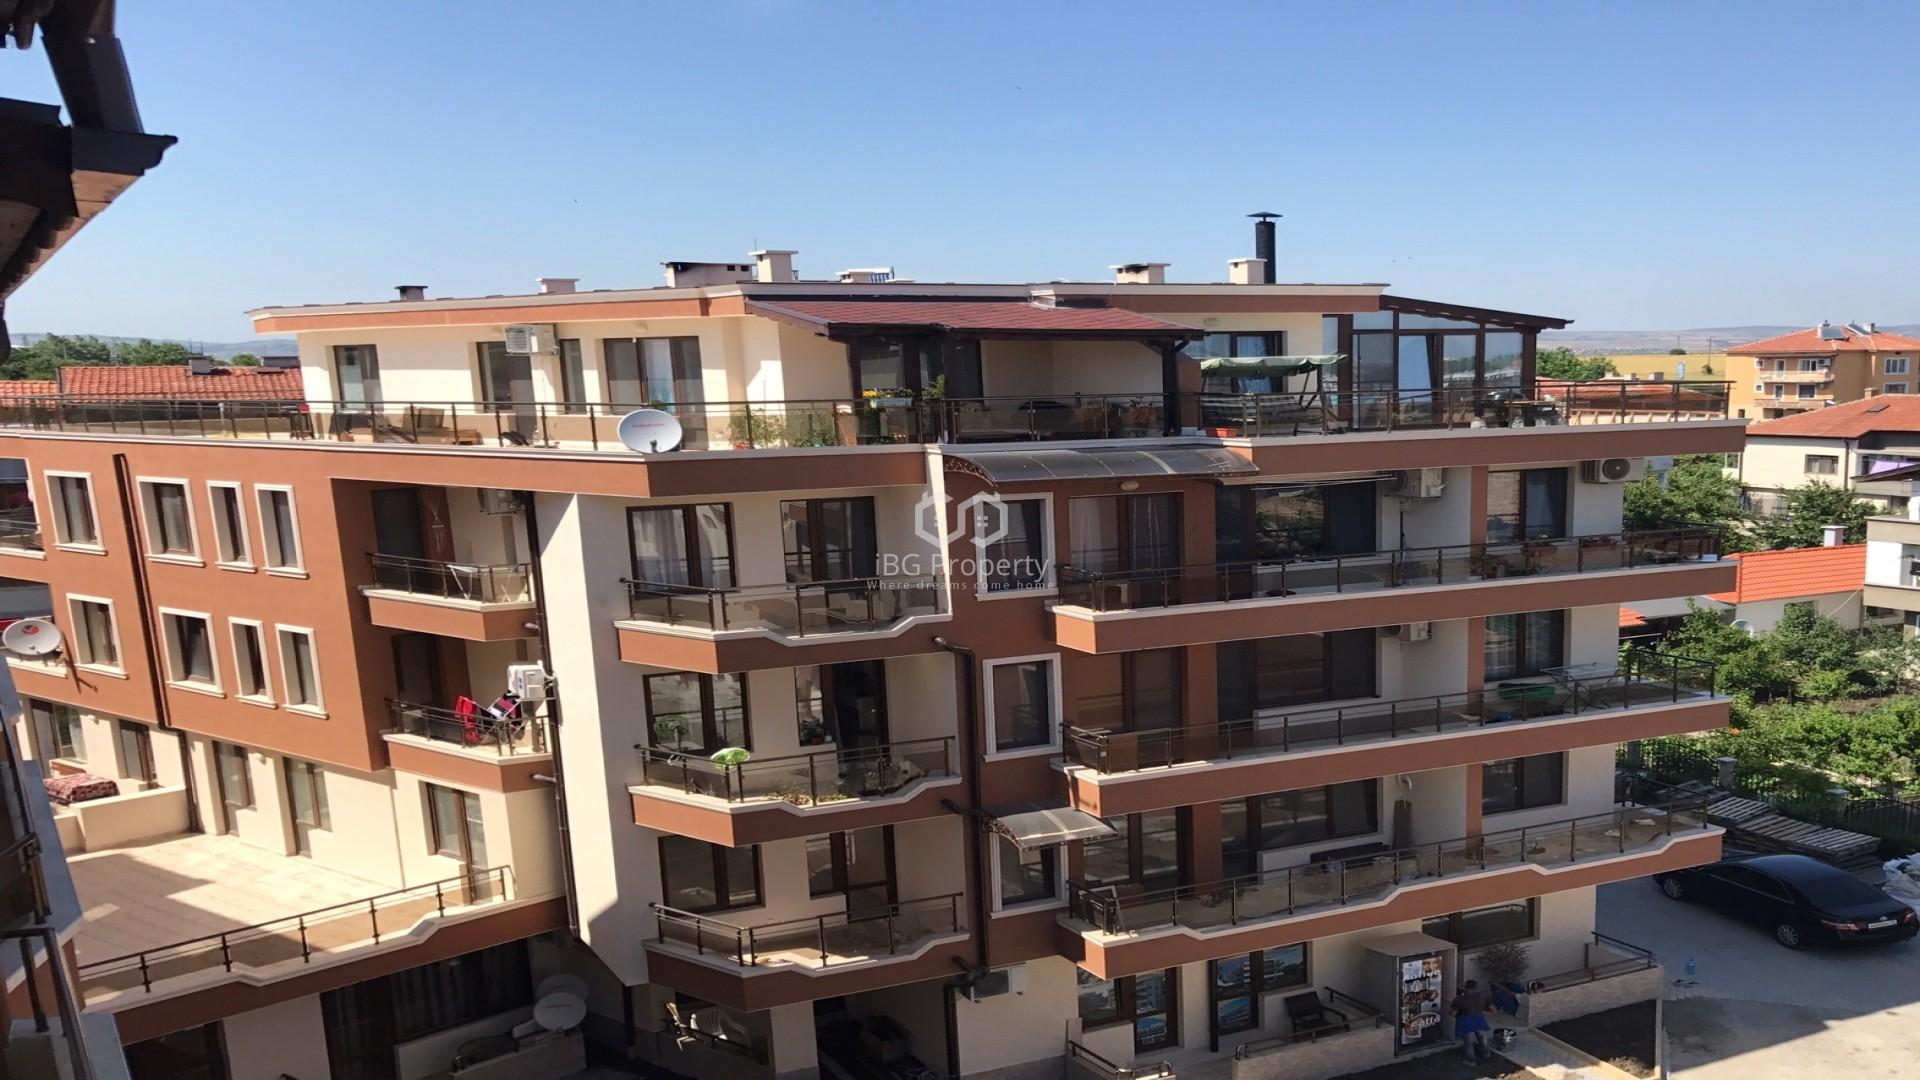 Tристаен апартамент Сарафово Бургас 89 m2